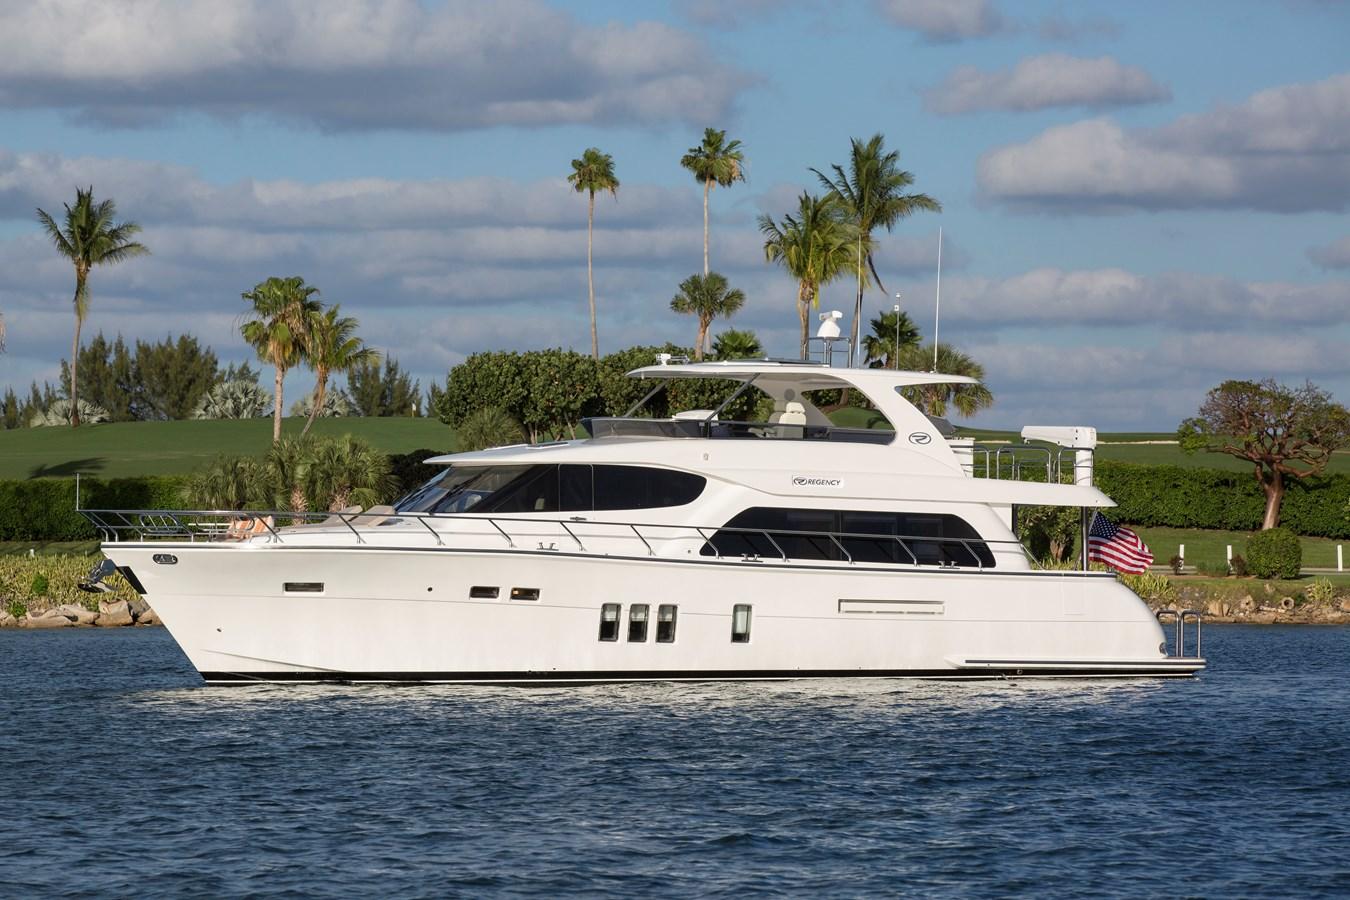 P6509 Port exterior 2020 REGENCY  Motor Yacht 2912700